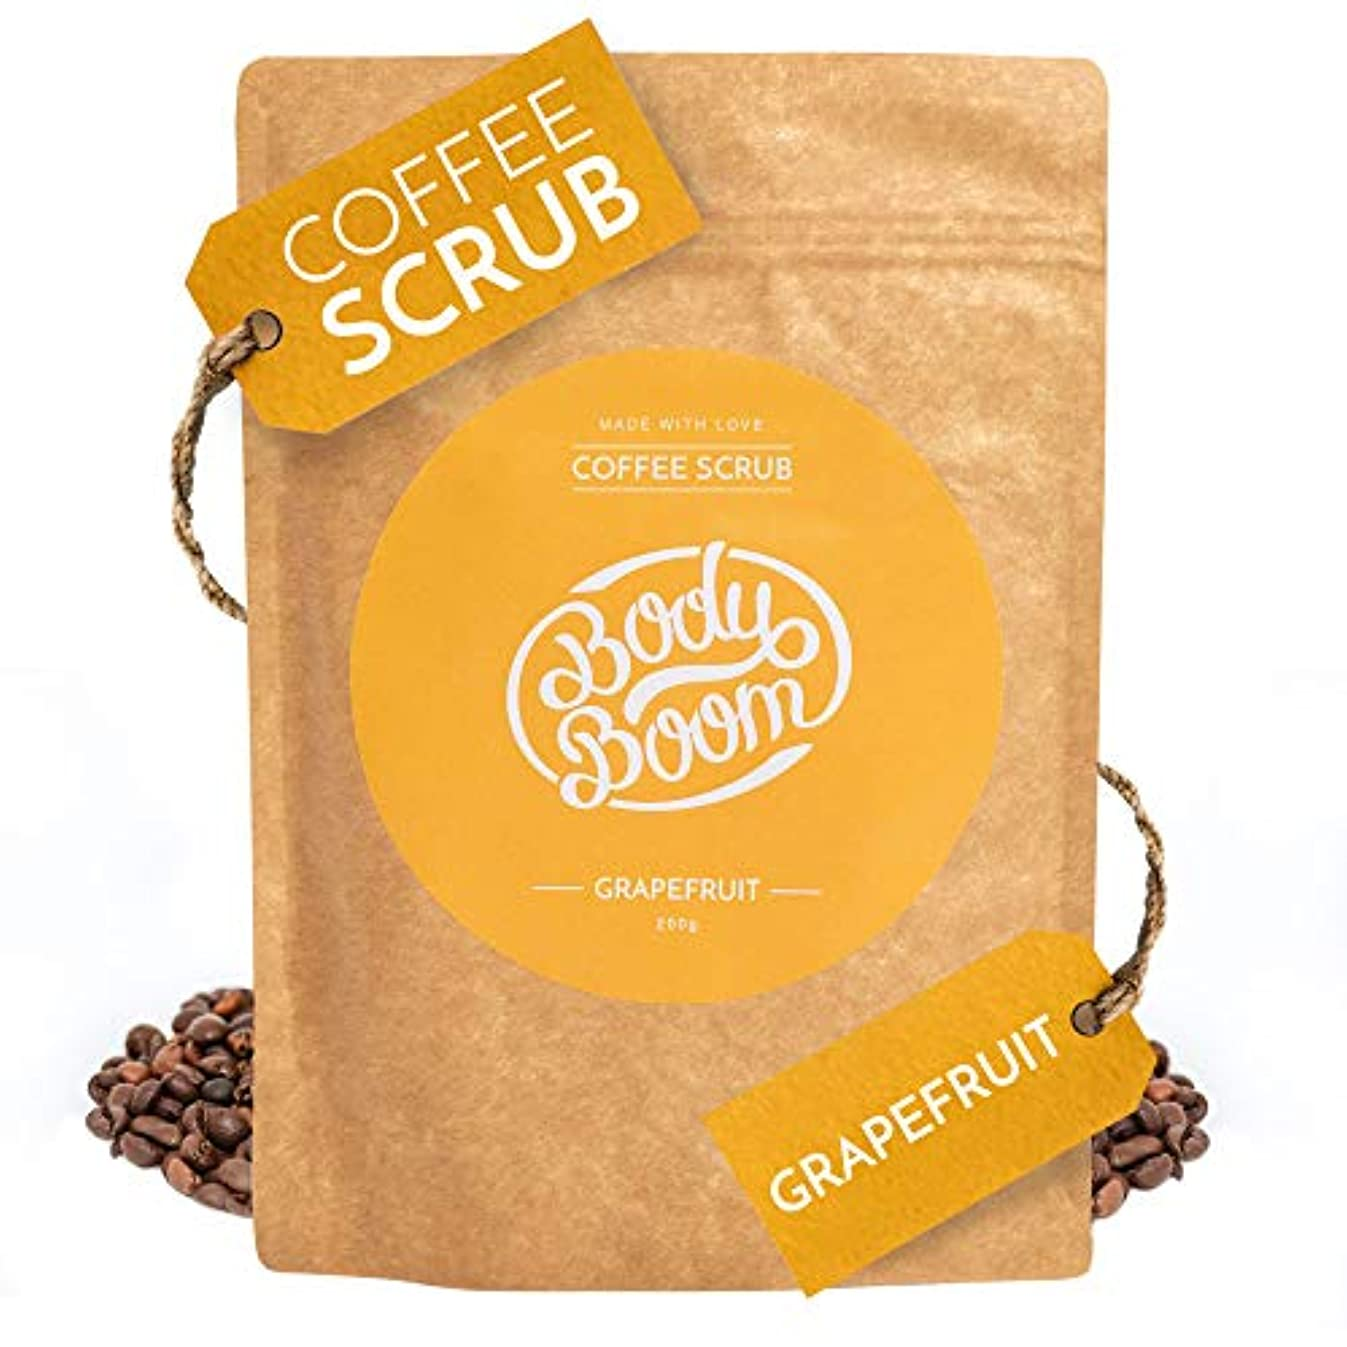 海港ドレスロックコーヒースクラブ Body Boom ボディブーム グレープフルーツ 200g